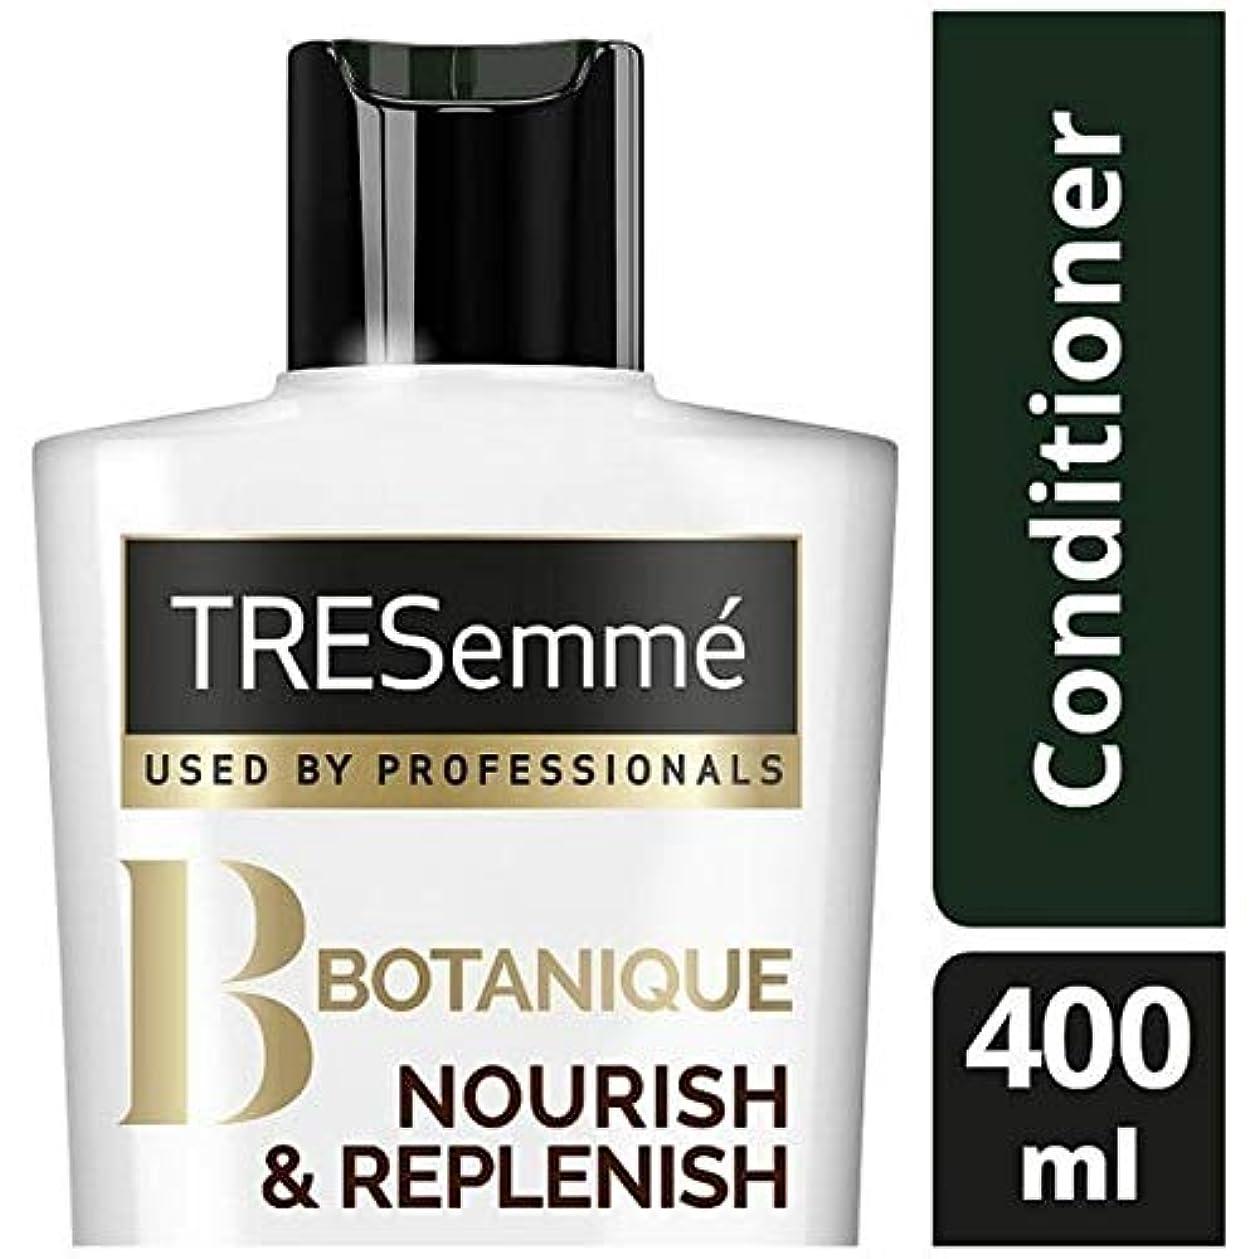 種をまく十年ホールドオール[Tresemme] Tresemmeのボタニックを養う&コンディショナー400ミリリットルを補充します - TRESemme Botanique Nourish & Replenish Conditioner 400ml...